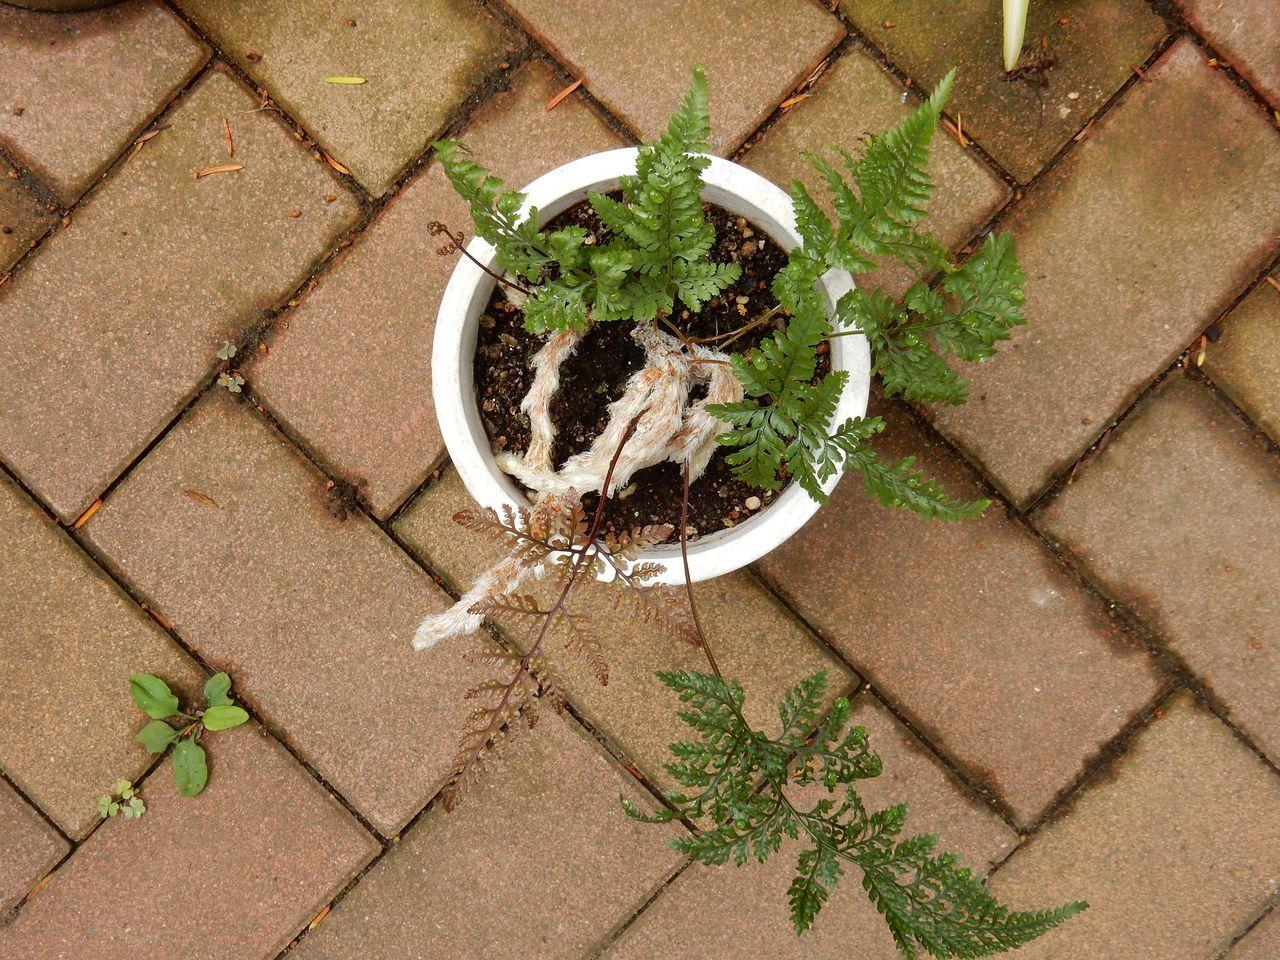 室内の植物を外に出してシャワー_c0025115_21070961.jpg